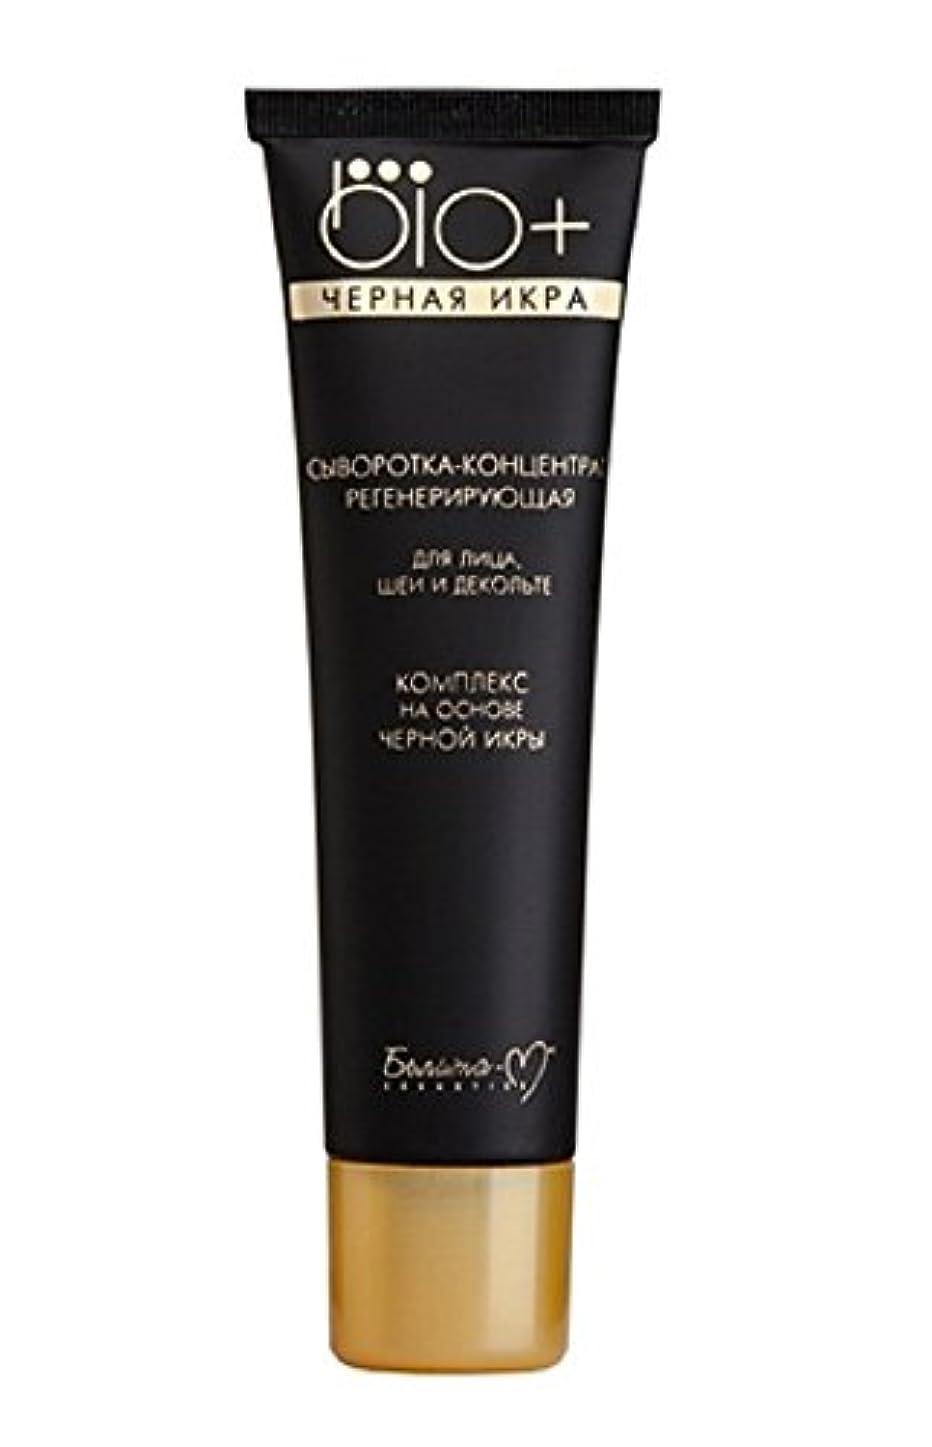 知っているに立ち寄るベーカリー不良品Revitalizing SERUM FOR FACE, NECK AND DECOLT based on black caviar | Marine collagen and elastin, Amber extract...